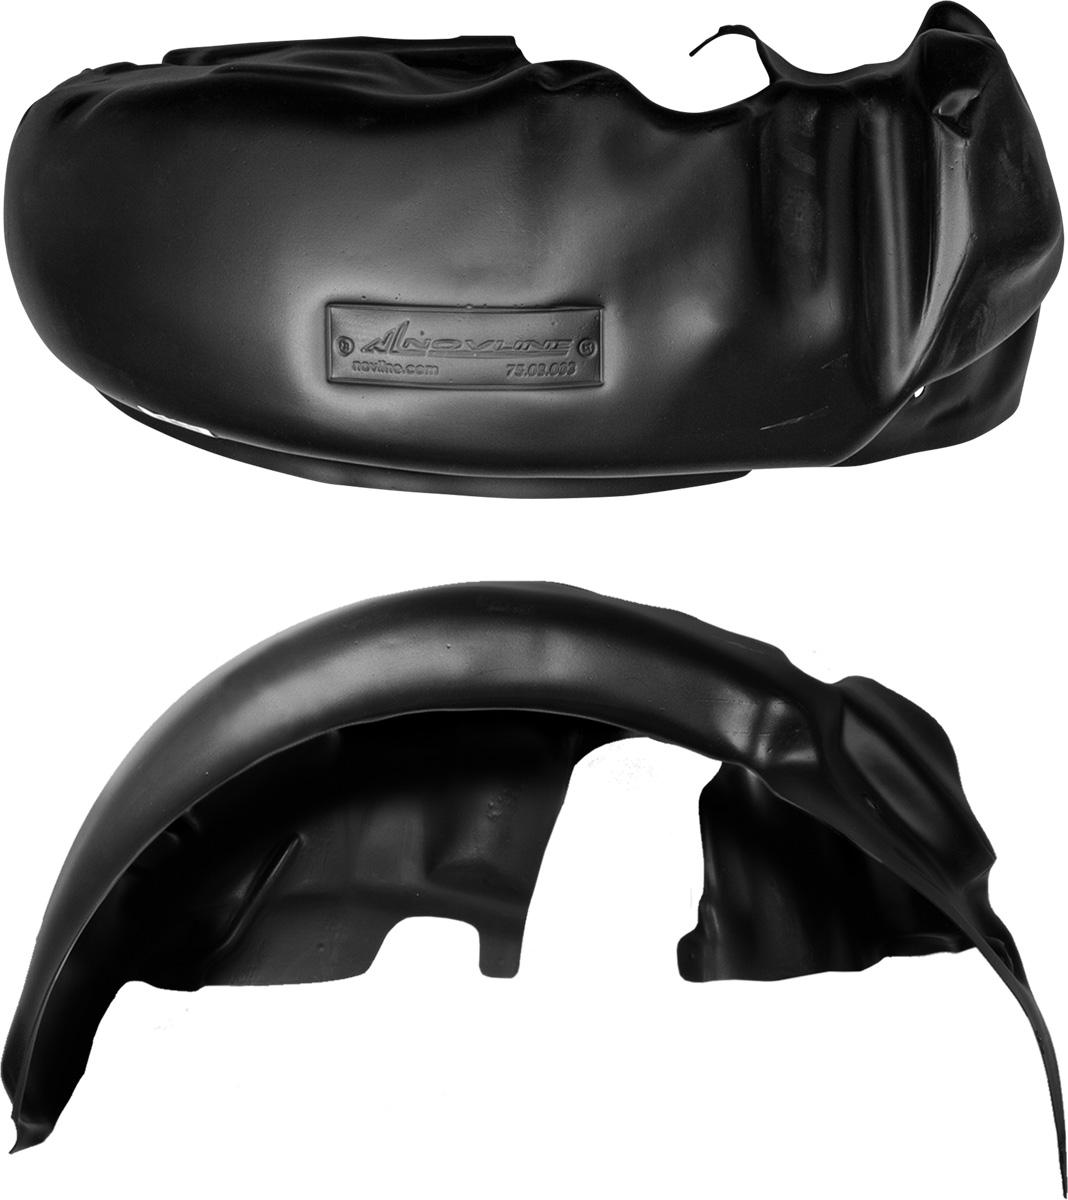 Подкрылок Novline-Autofamily, для Nissan X-Trail, T32, 2015->, задний правыйIRK-503Колесные ниши - одни из самых уязвимых зон днища вашего автомобиля. Они постоянно подвергаются воздействию со стороны дороги. Лучшая, почти абсолютная защита для них - специально отформованные пластиковые кожухи, которые называются подкрылками. Производятся они как для отечественных моделей автомобилей, так и для иномарок. Подкрылки Novline-Autofamily выполнены из высококачественного, экологически чистого пластика. Обеспечивают надежную защиту кузова автомобиля от пескоструйного эффекта и негативного влияния, агрессивных антигололедных реагентов. Пластик обладает более низкой теплопроводностью, чем металл, поэтому в зимний период эксплуатации использование пластиковых подкрылков позволяет лучше защитить колесные ниши от налипания снега и образования наледи. Оригинальность конструкции подчеркивает элегантность автомобиля, бережно защищает нанесенное на днище кузова антикоррозийное покрытие и позволяет осуществить крепление подкрылков внутри колесной арки практически без дополнительного крепежа и сверления, не нарушая при этом лакокрасочного покрытия, что предотвращает возникновение новых очагов коррозии. Подкрылки долговечны, обладают высокой прочностью и сохраняют заданную форму, а также все свои физико-механические характеристики в самых тяжелых климатических условиях (от -50°С до +50°С).Уважаемые клиенты!Обращаем ваше внимание, на тот факт, что подкрылок имеет форму, соответствующую модели данного автомобиля. Фото служит для визуального восприятия товара.